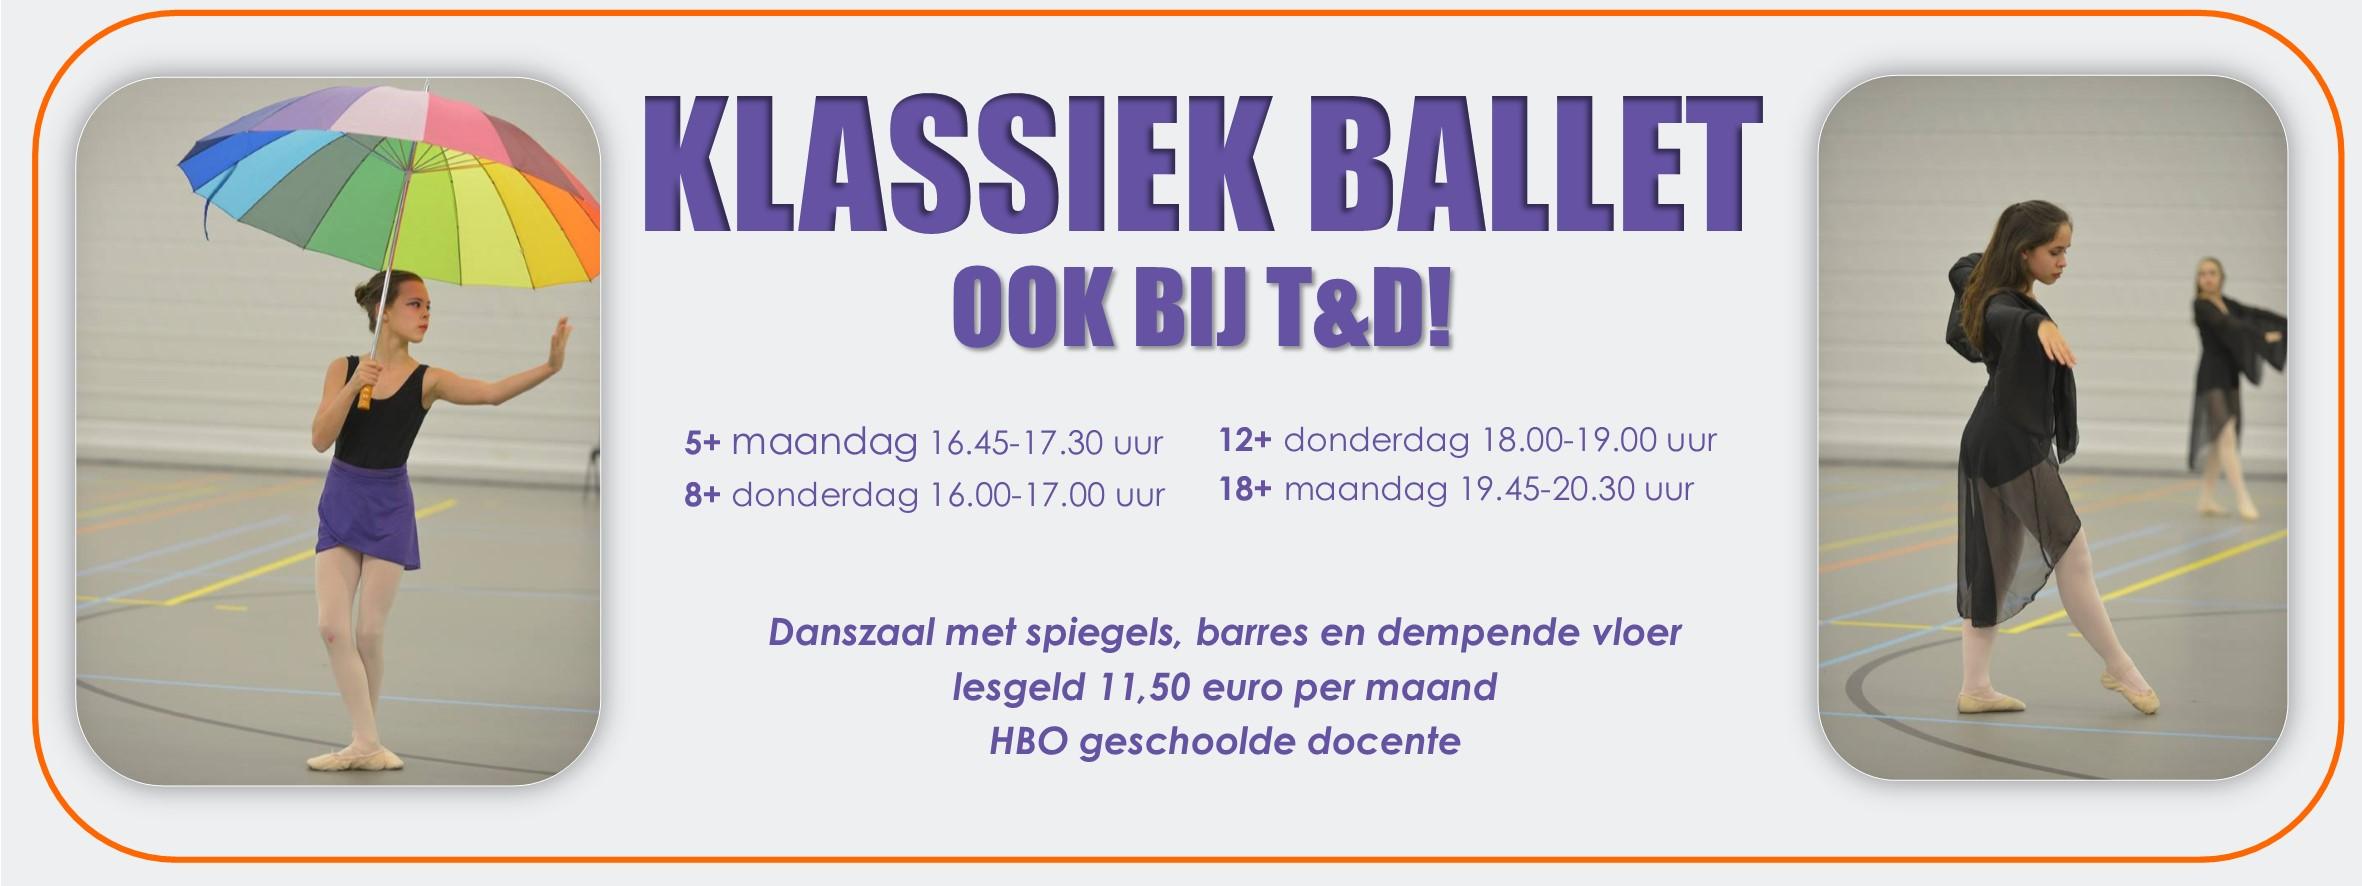 banner-klassiek-ballet